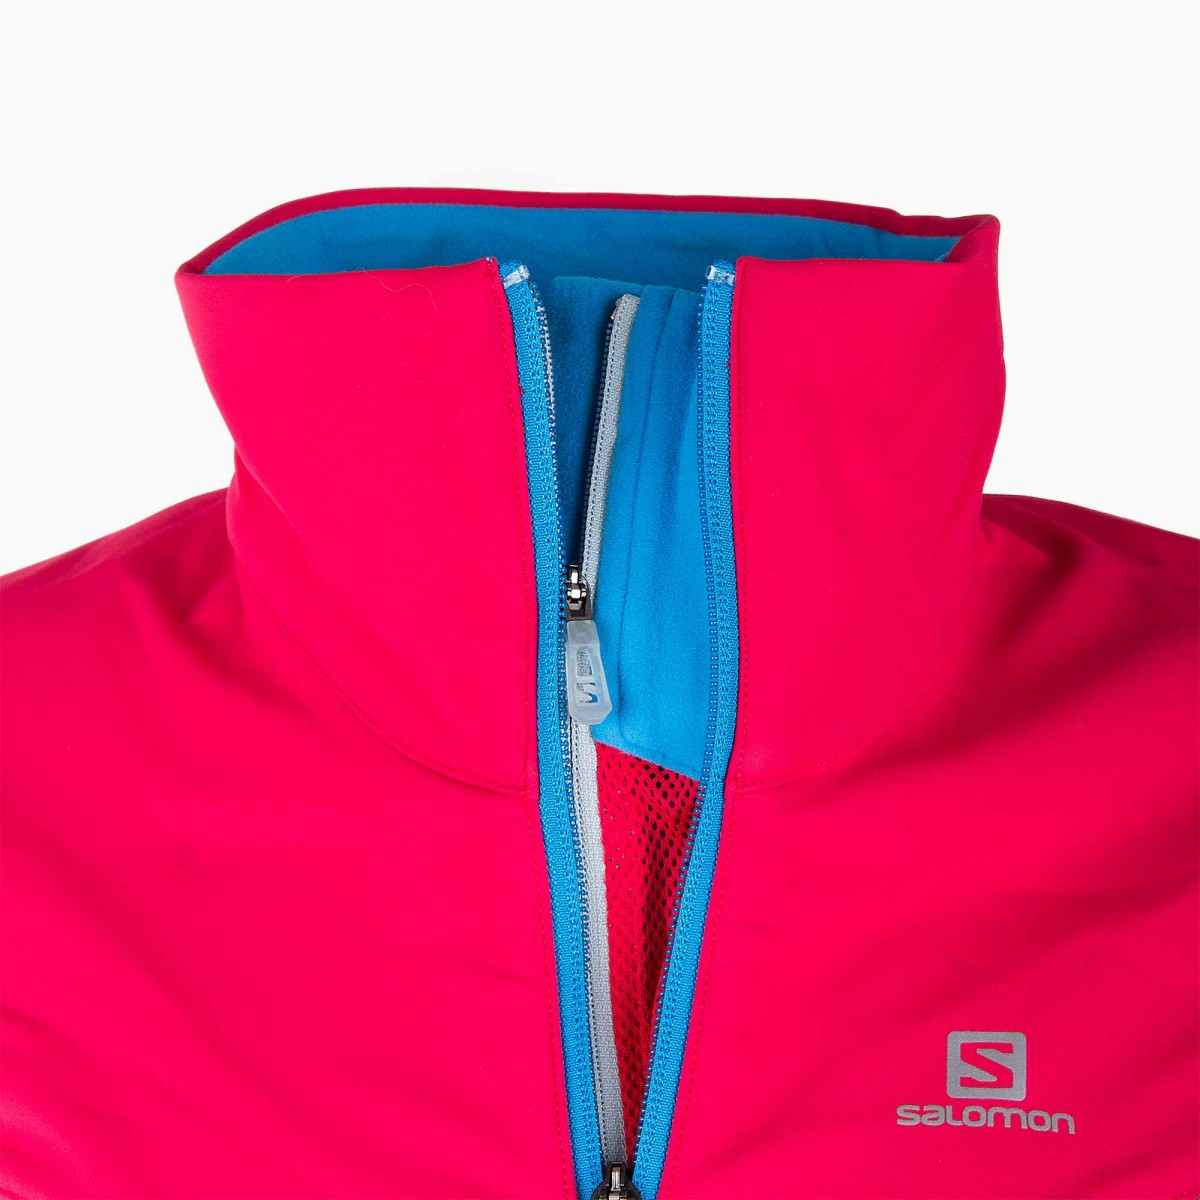 Salomon Dégriffé Advanced Skin À Ski Shield De Prix Veste Femme 4wUq64R